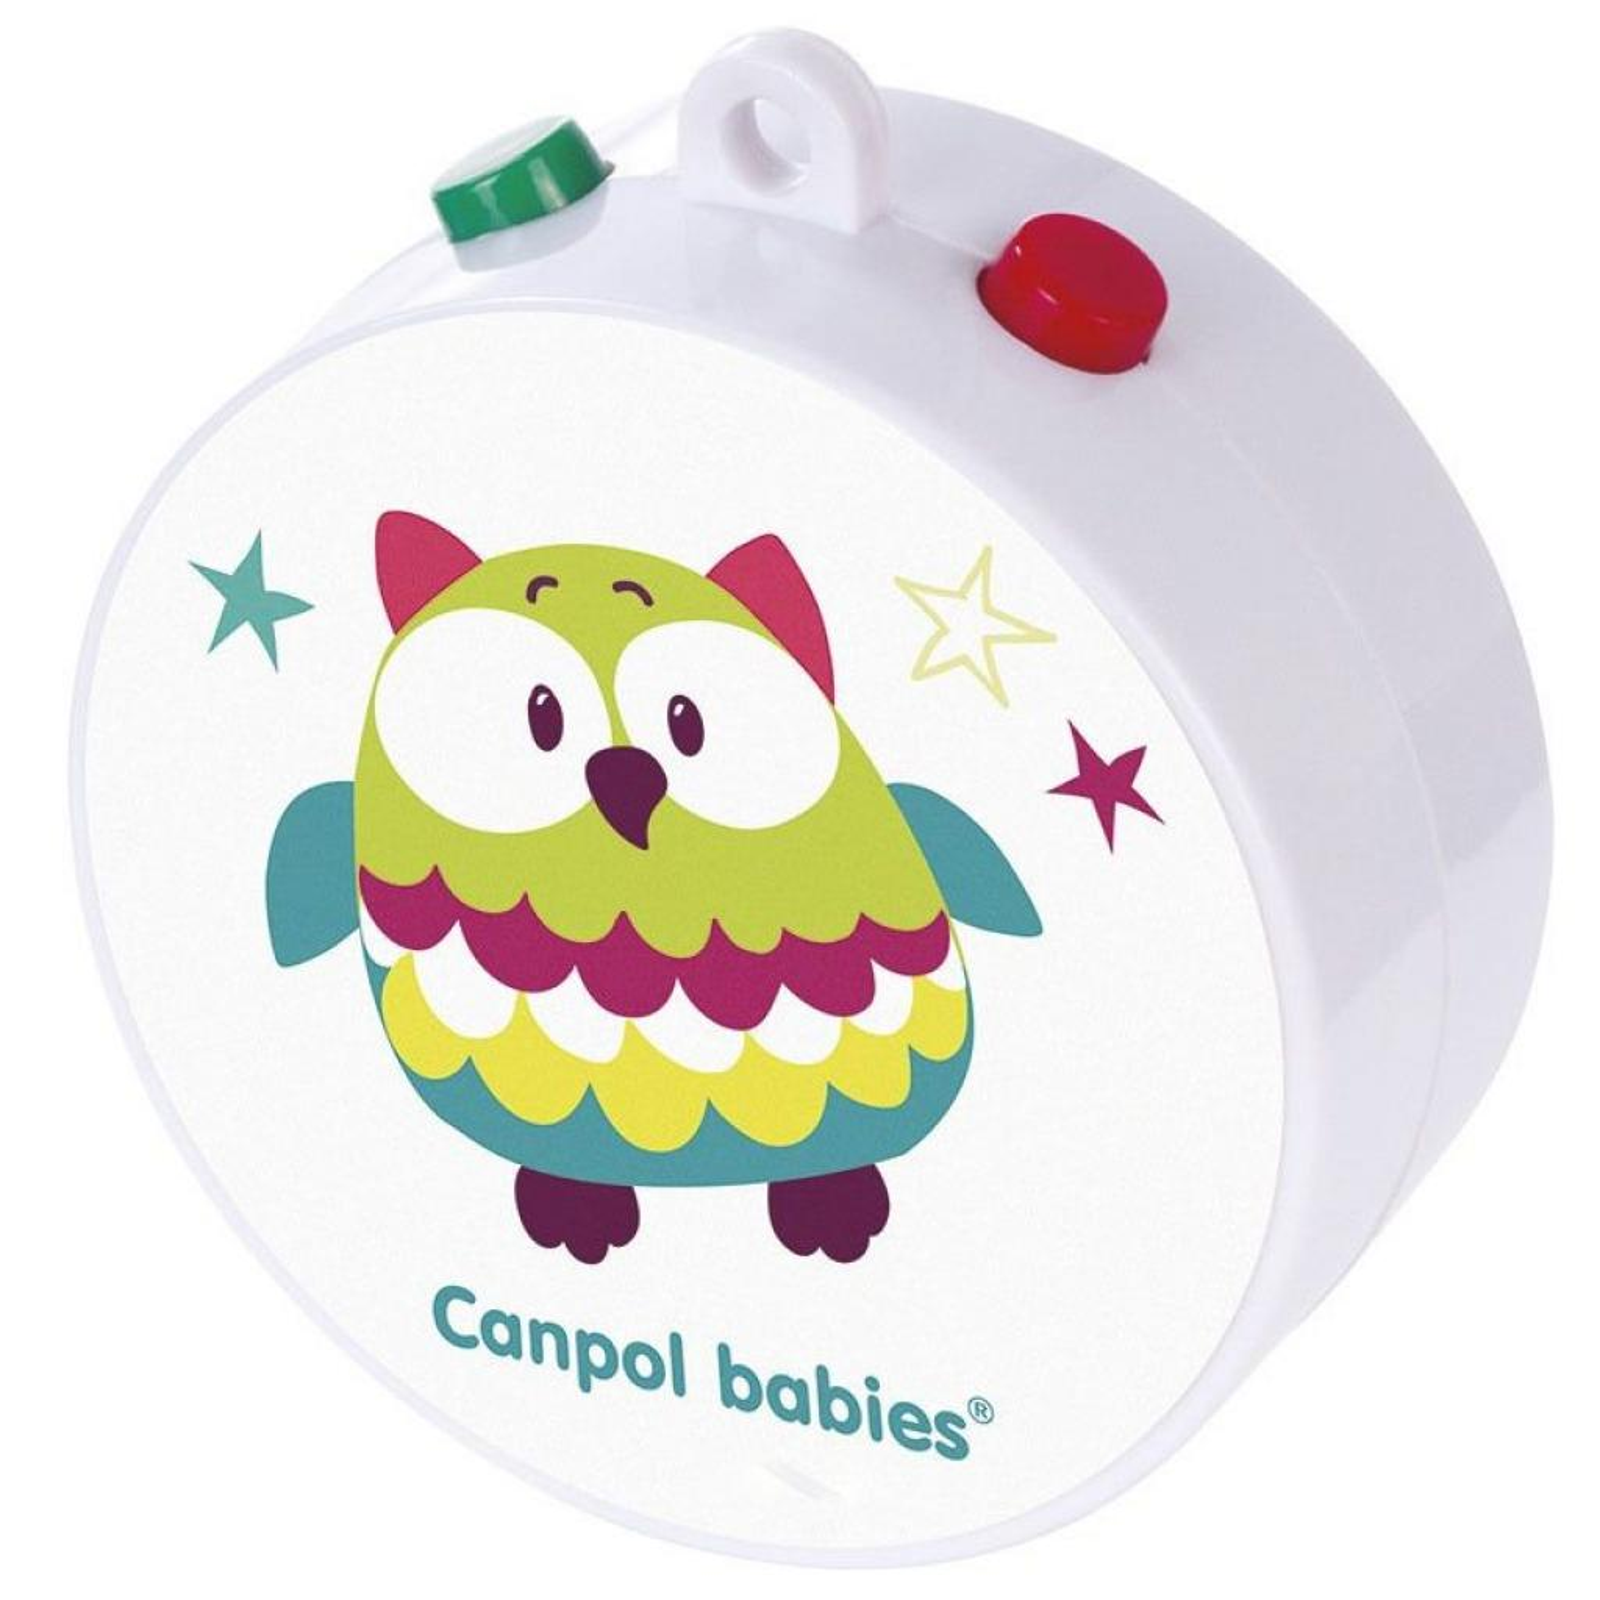 Мобиль Canpol babies Лесные друзья (68/049) изображение 2